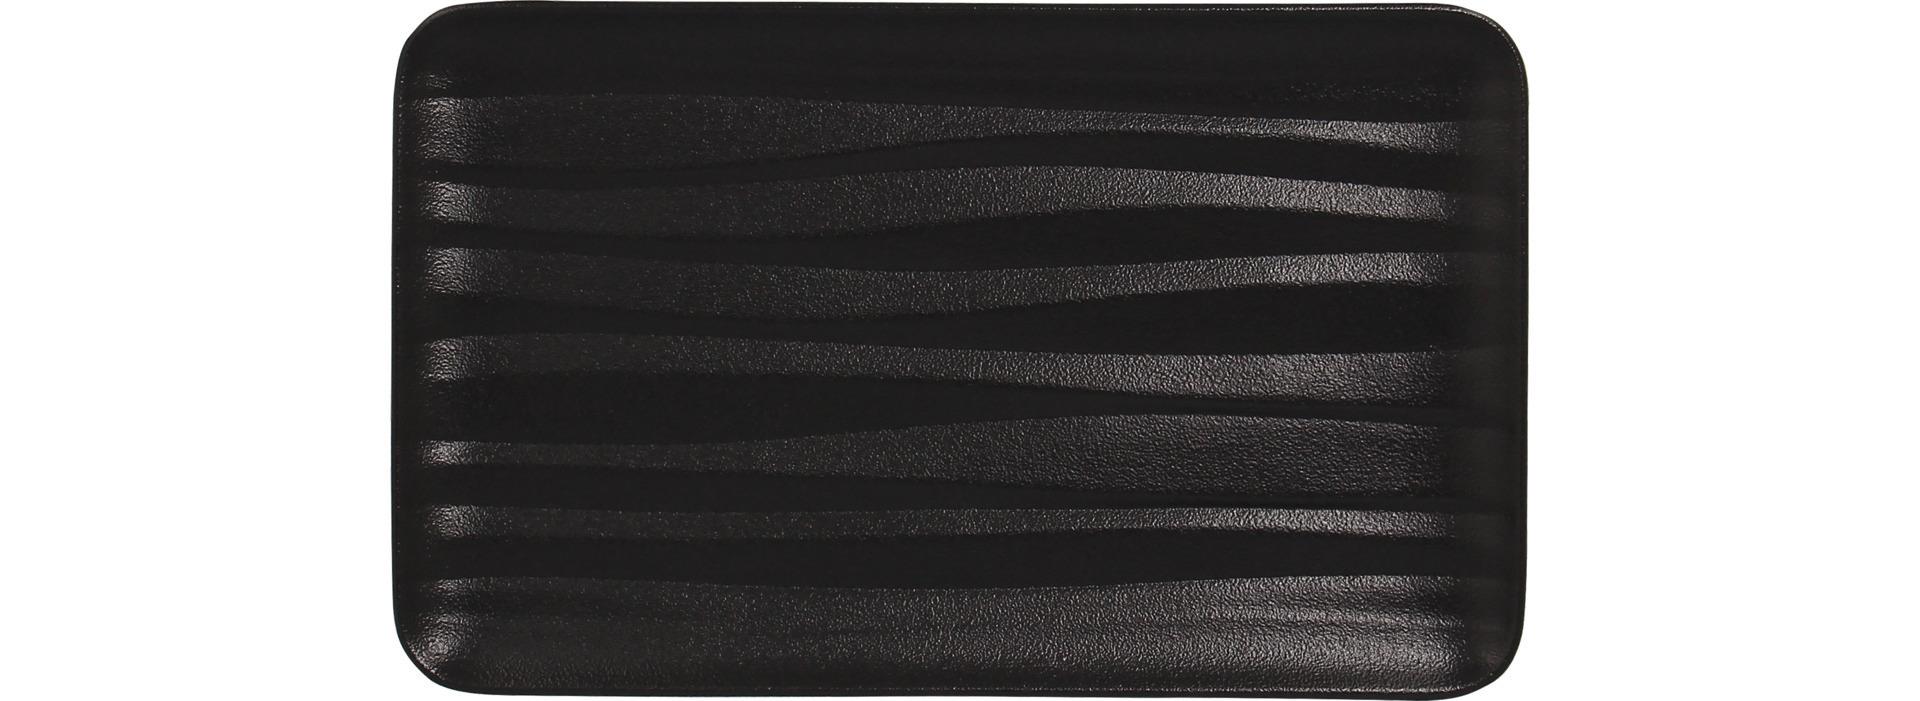 GN-Platte rechteckig mit Relief shared GN 1/4 265 x 162 mm schwarz